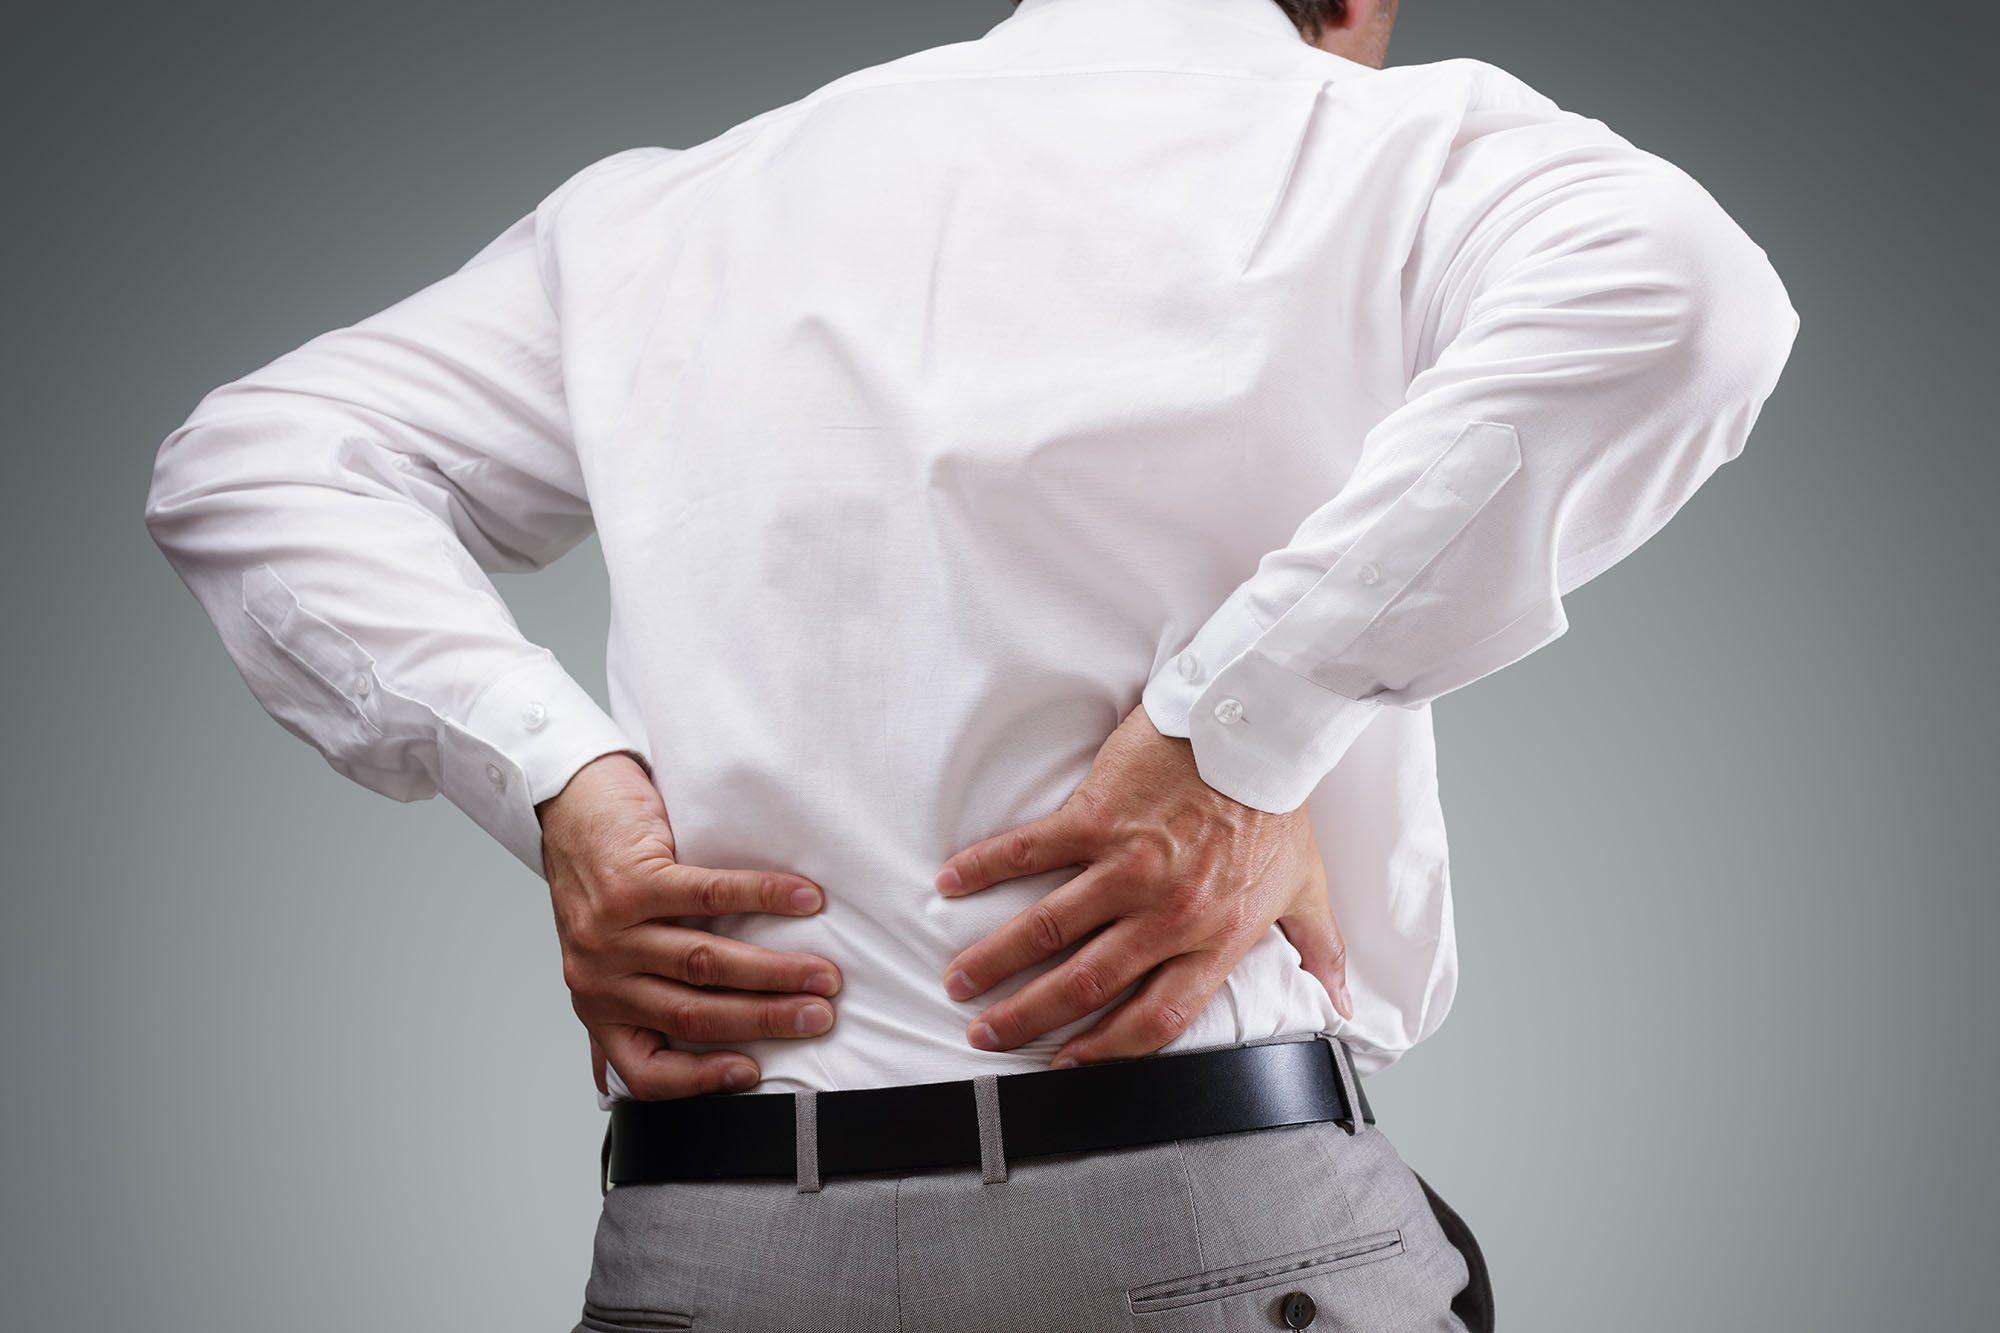 Especialista en ciática: Anatomía del disco hernia lumbar | El Paso ...